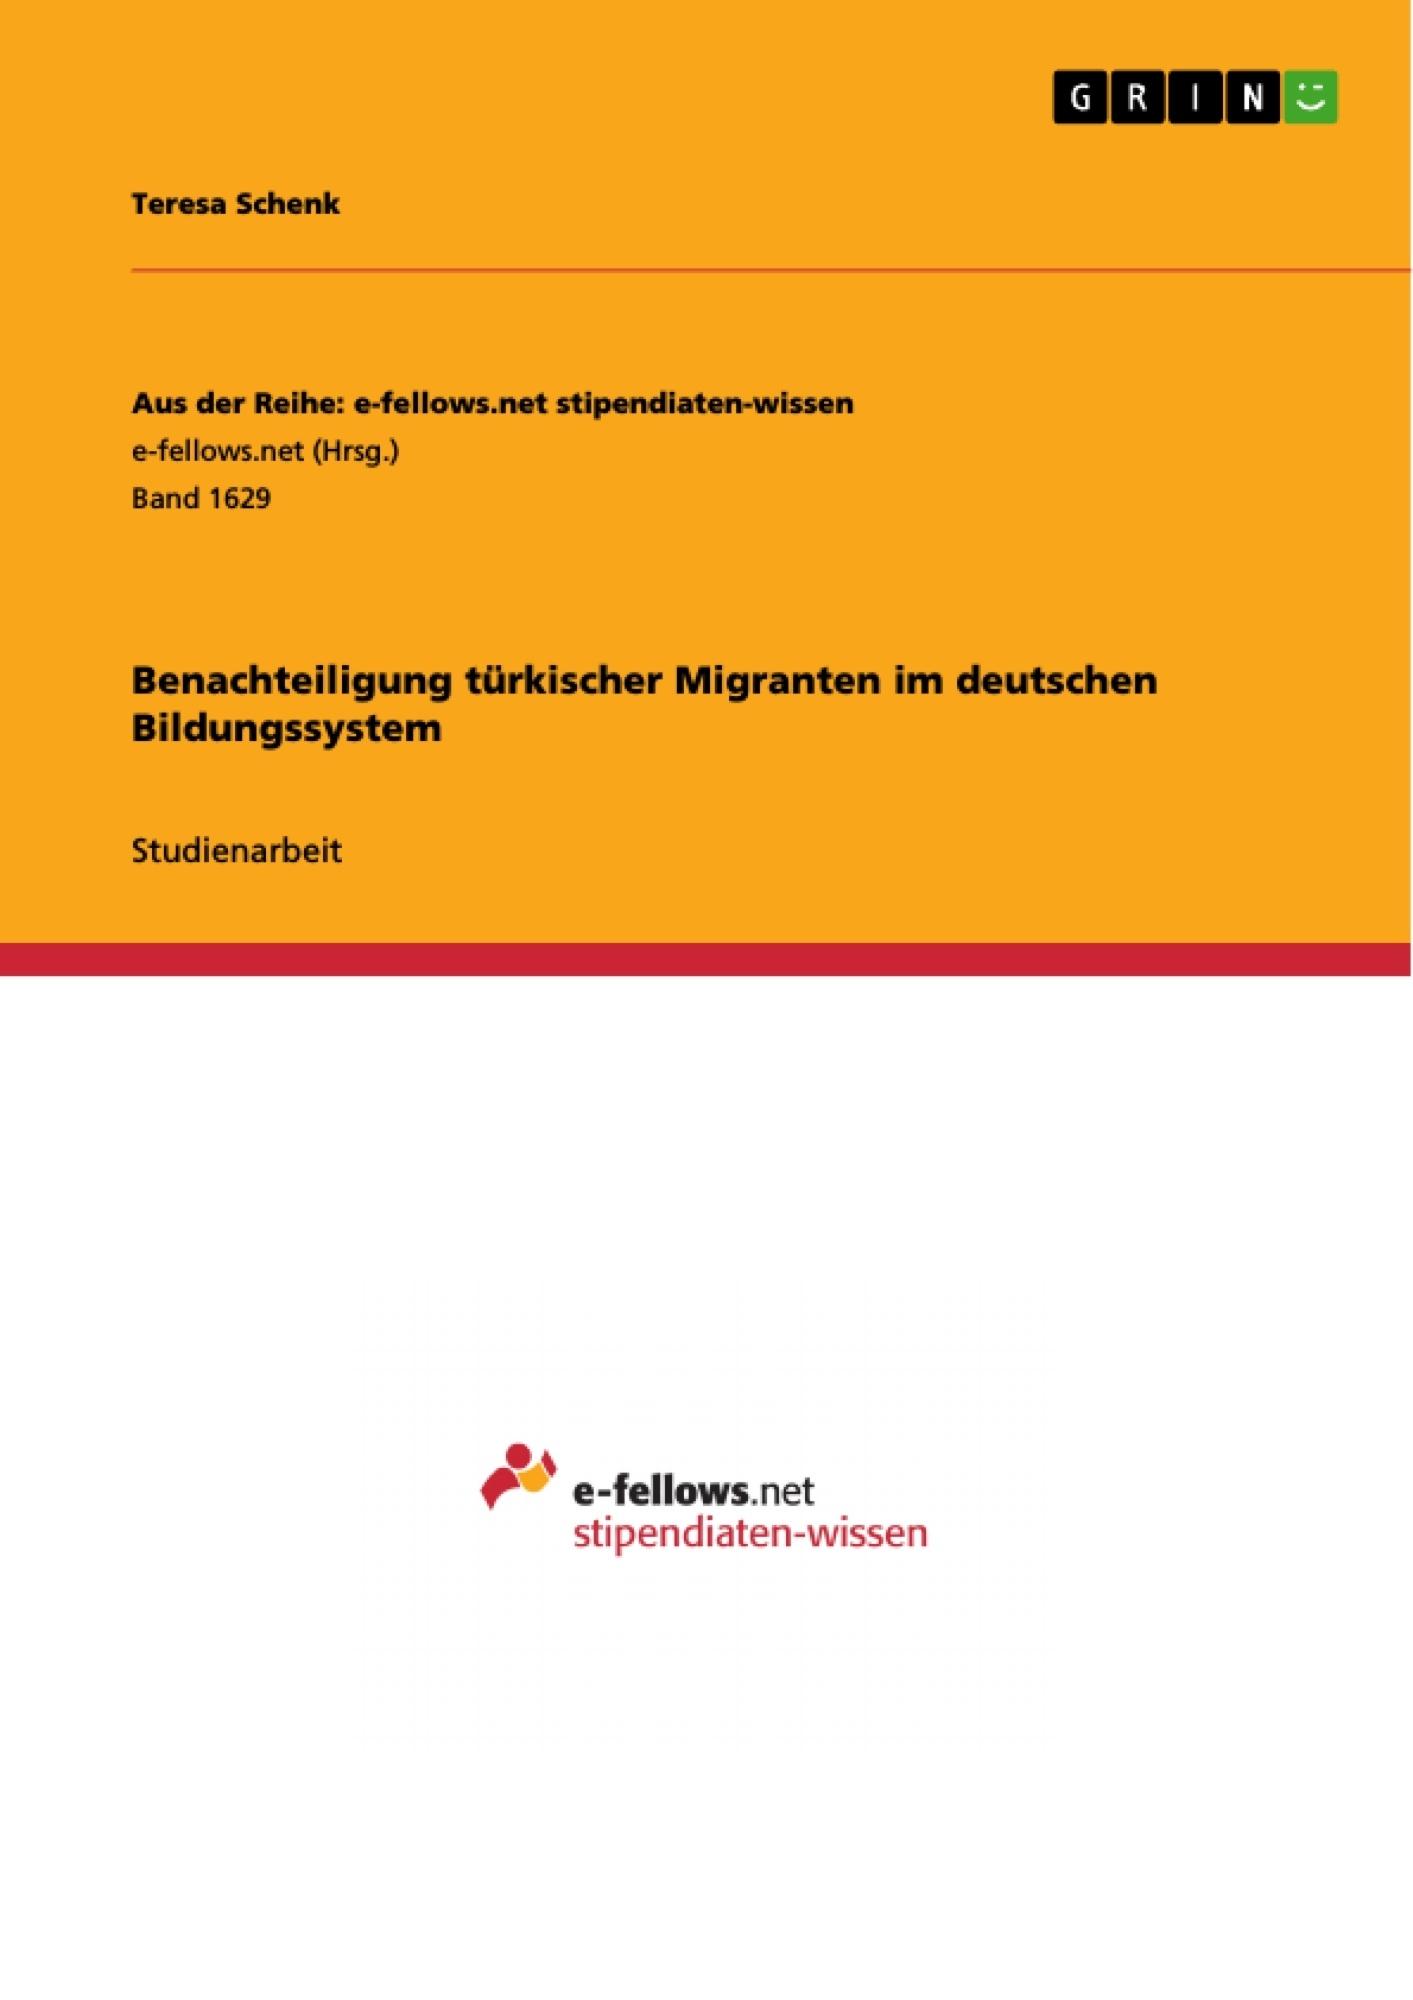 Titel: Benachteiligung türkischer Migranten im deutschen Bildungssystem